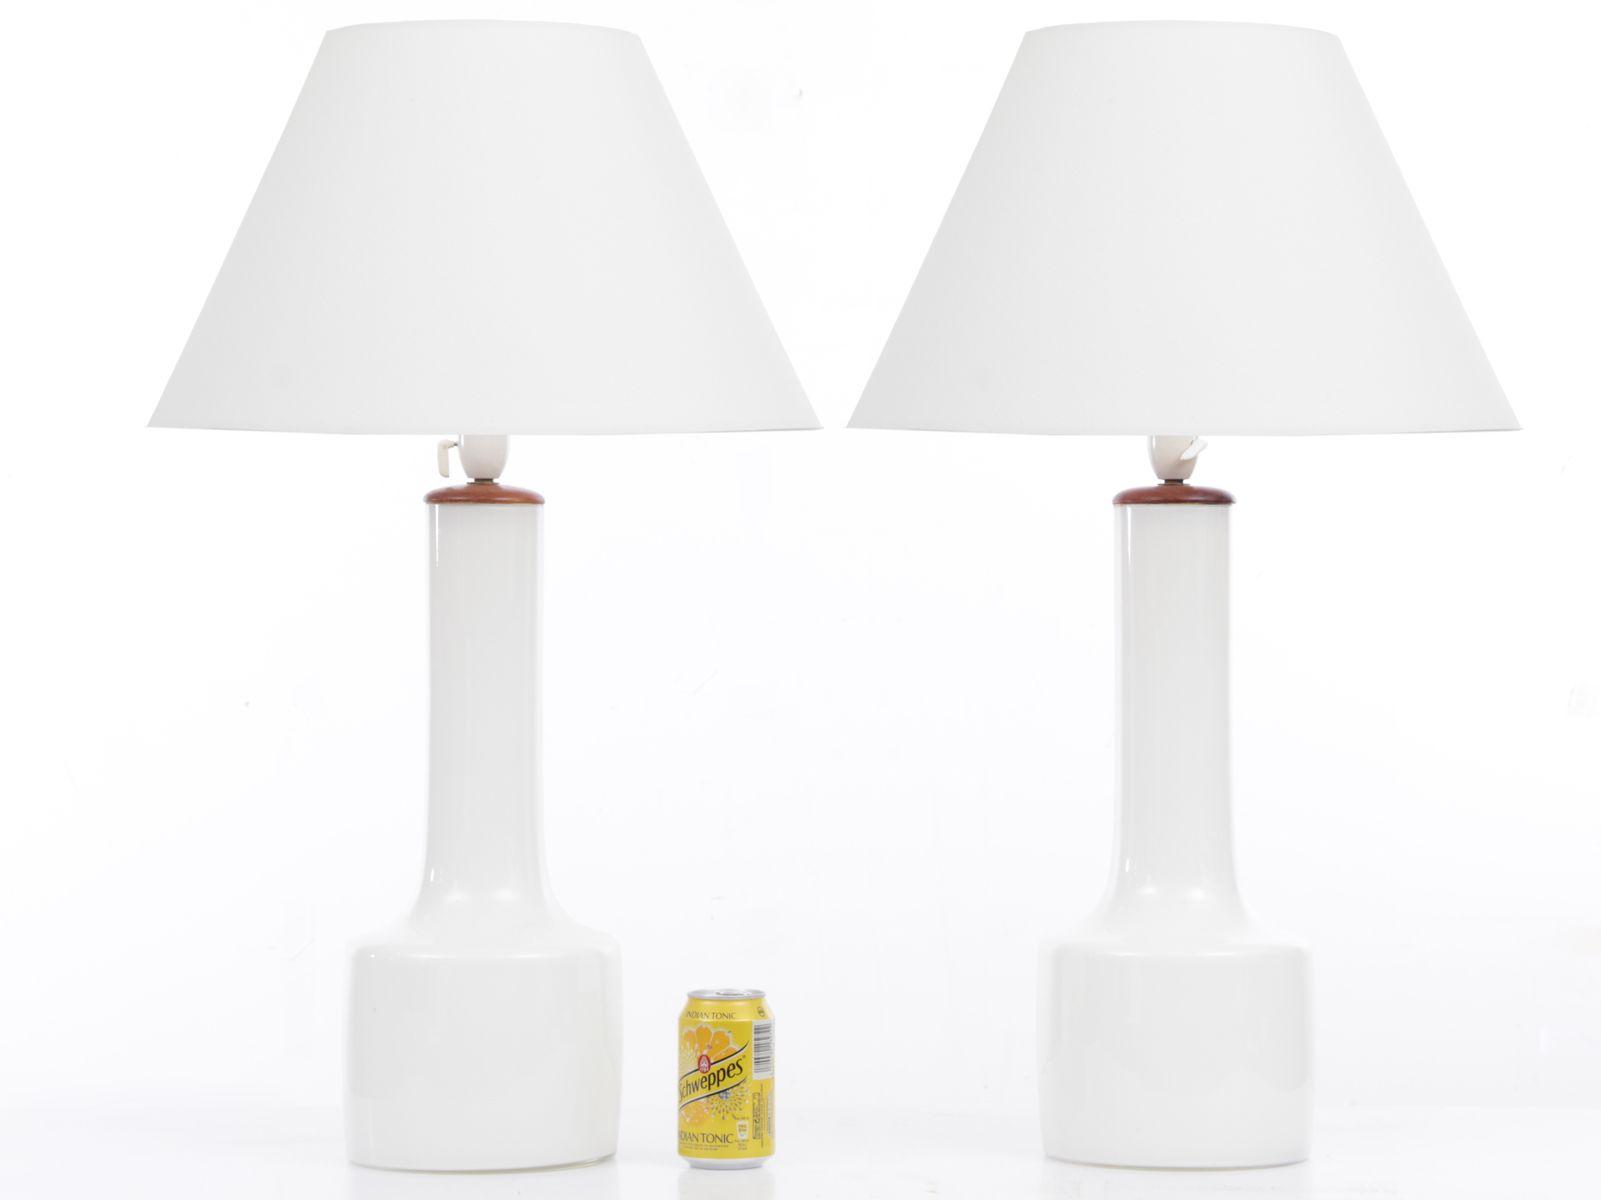 skandinavische mid century modern opalglas tischlampen 2er set bei pamono kaufen. Black Bedroom Furniture Sets. Home Design Ideas